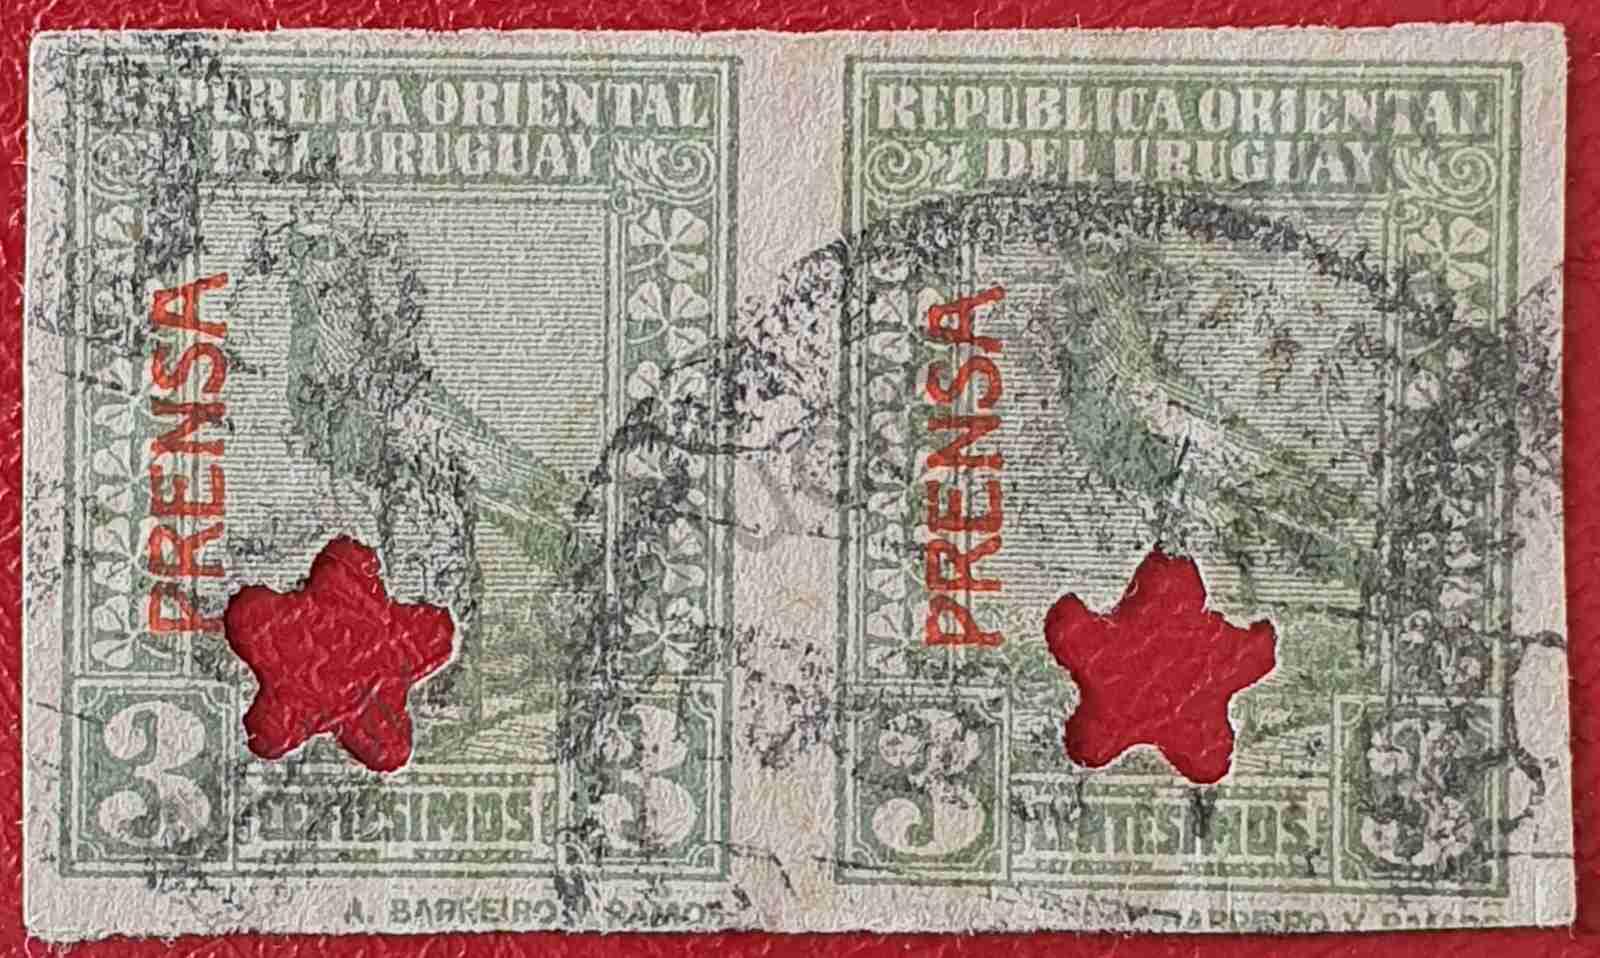 Tero 3c - sobreimpreso - Sello Uruguay 1927